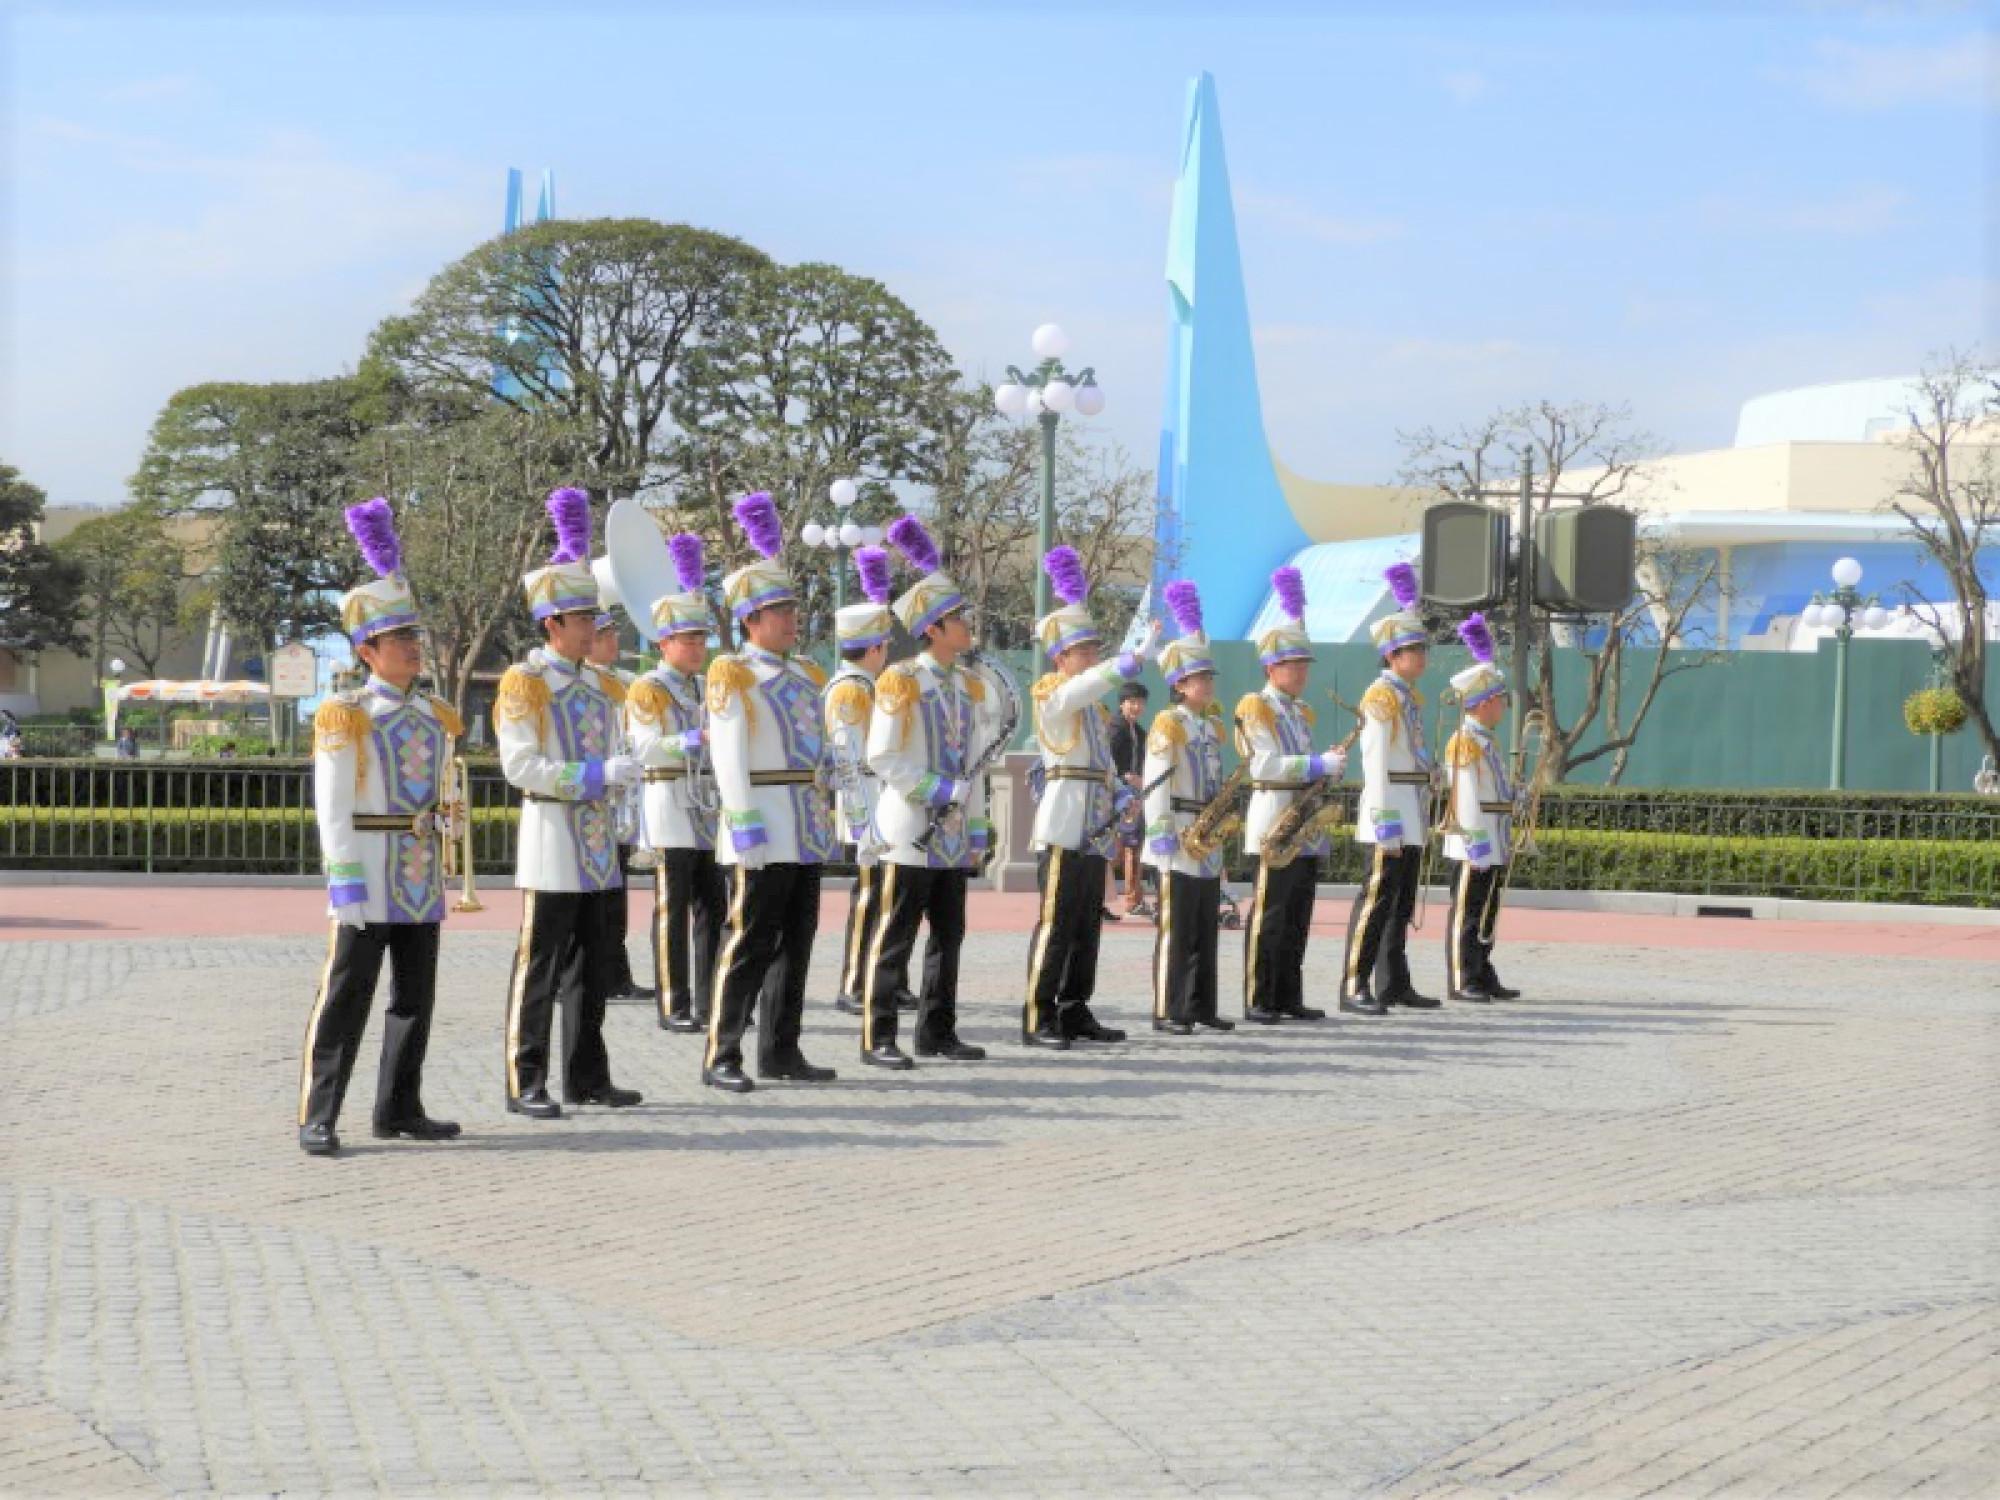 東京ディズニーランドバンド